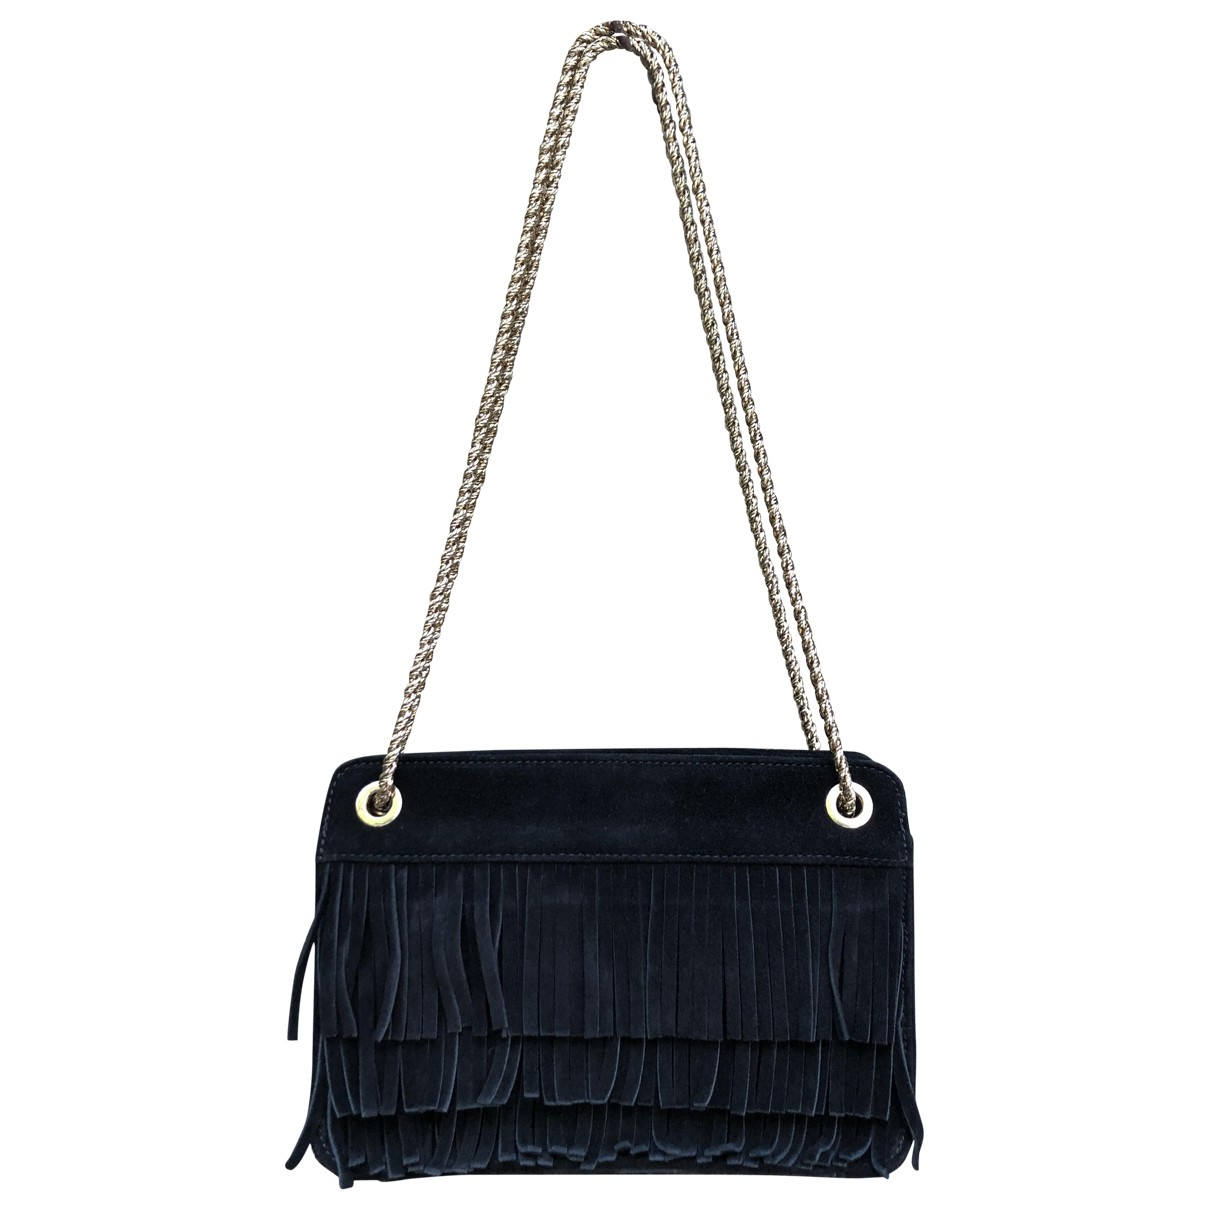 Sézane N Black Suede handbag for Women N